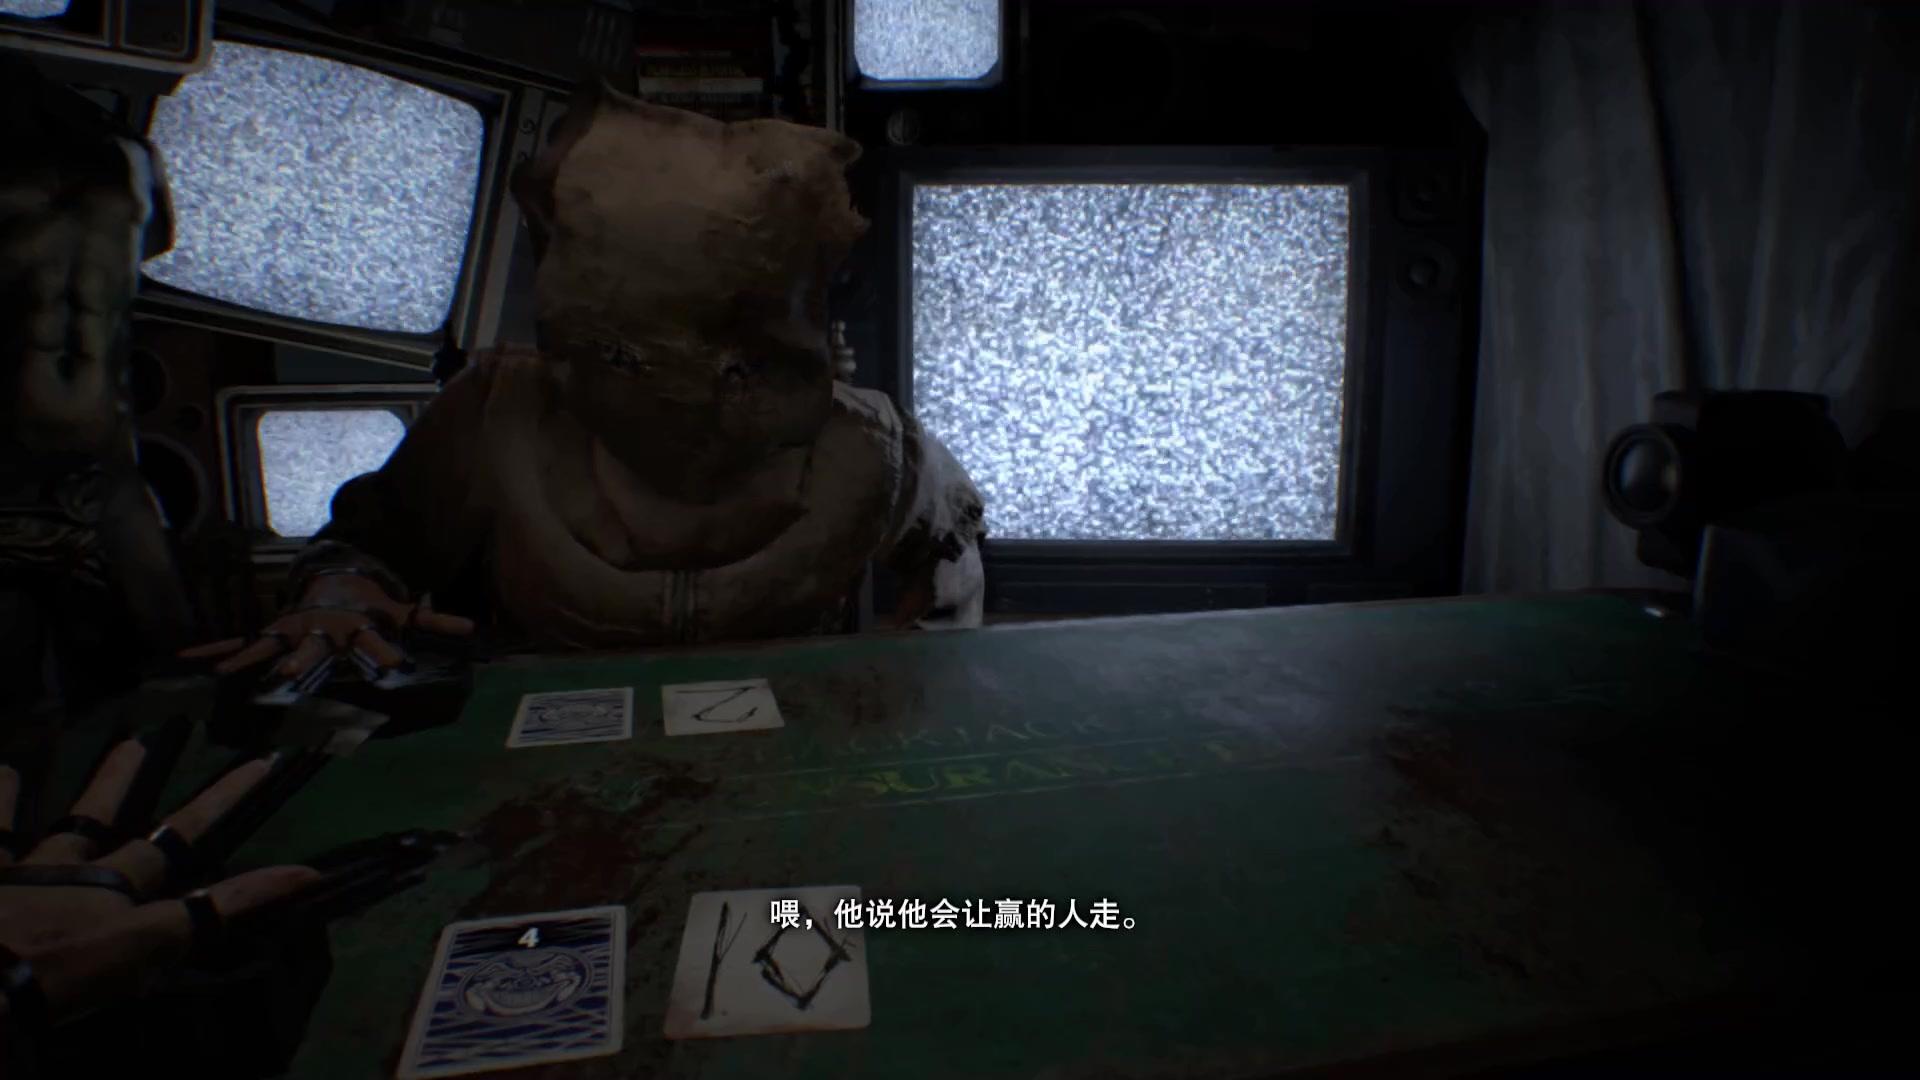 自由:《生化危机7》DLC电锯惊魂般的21点游戏!